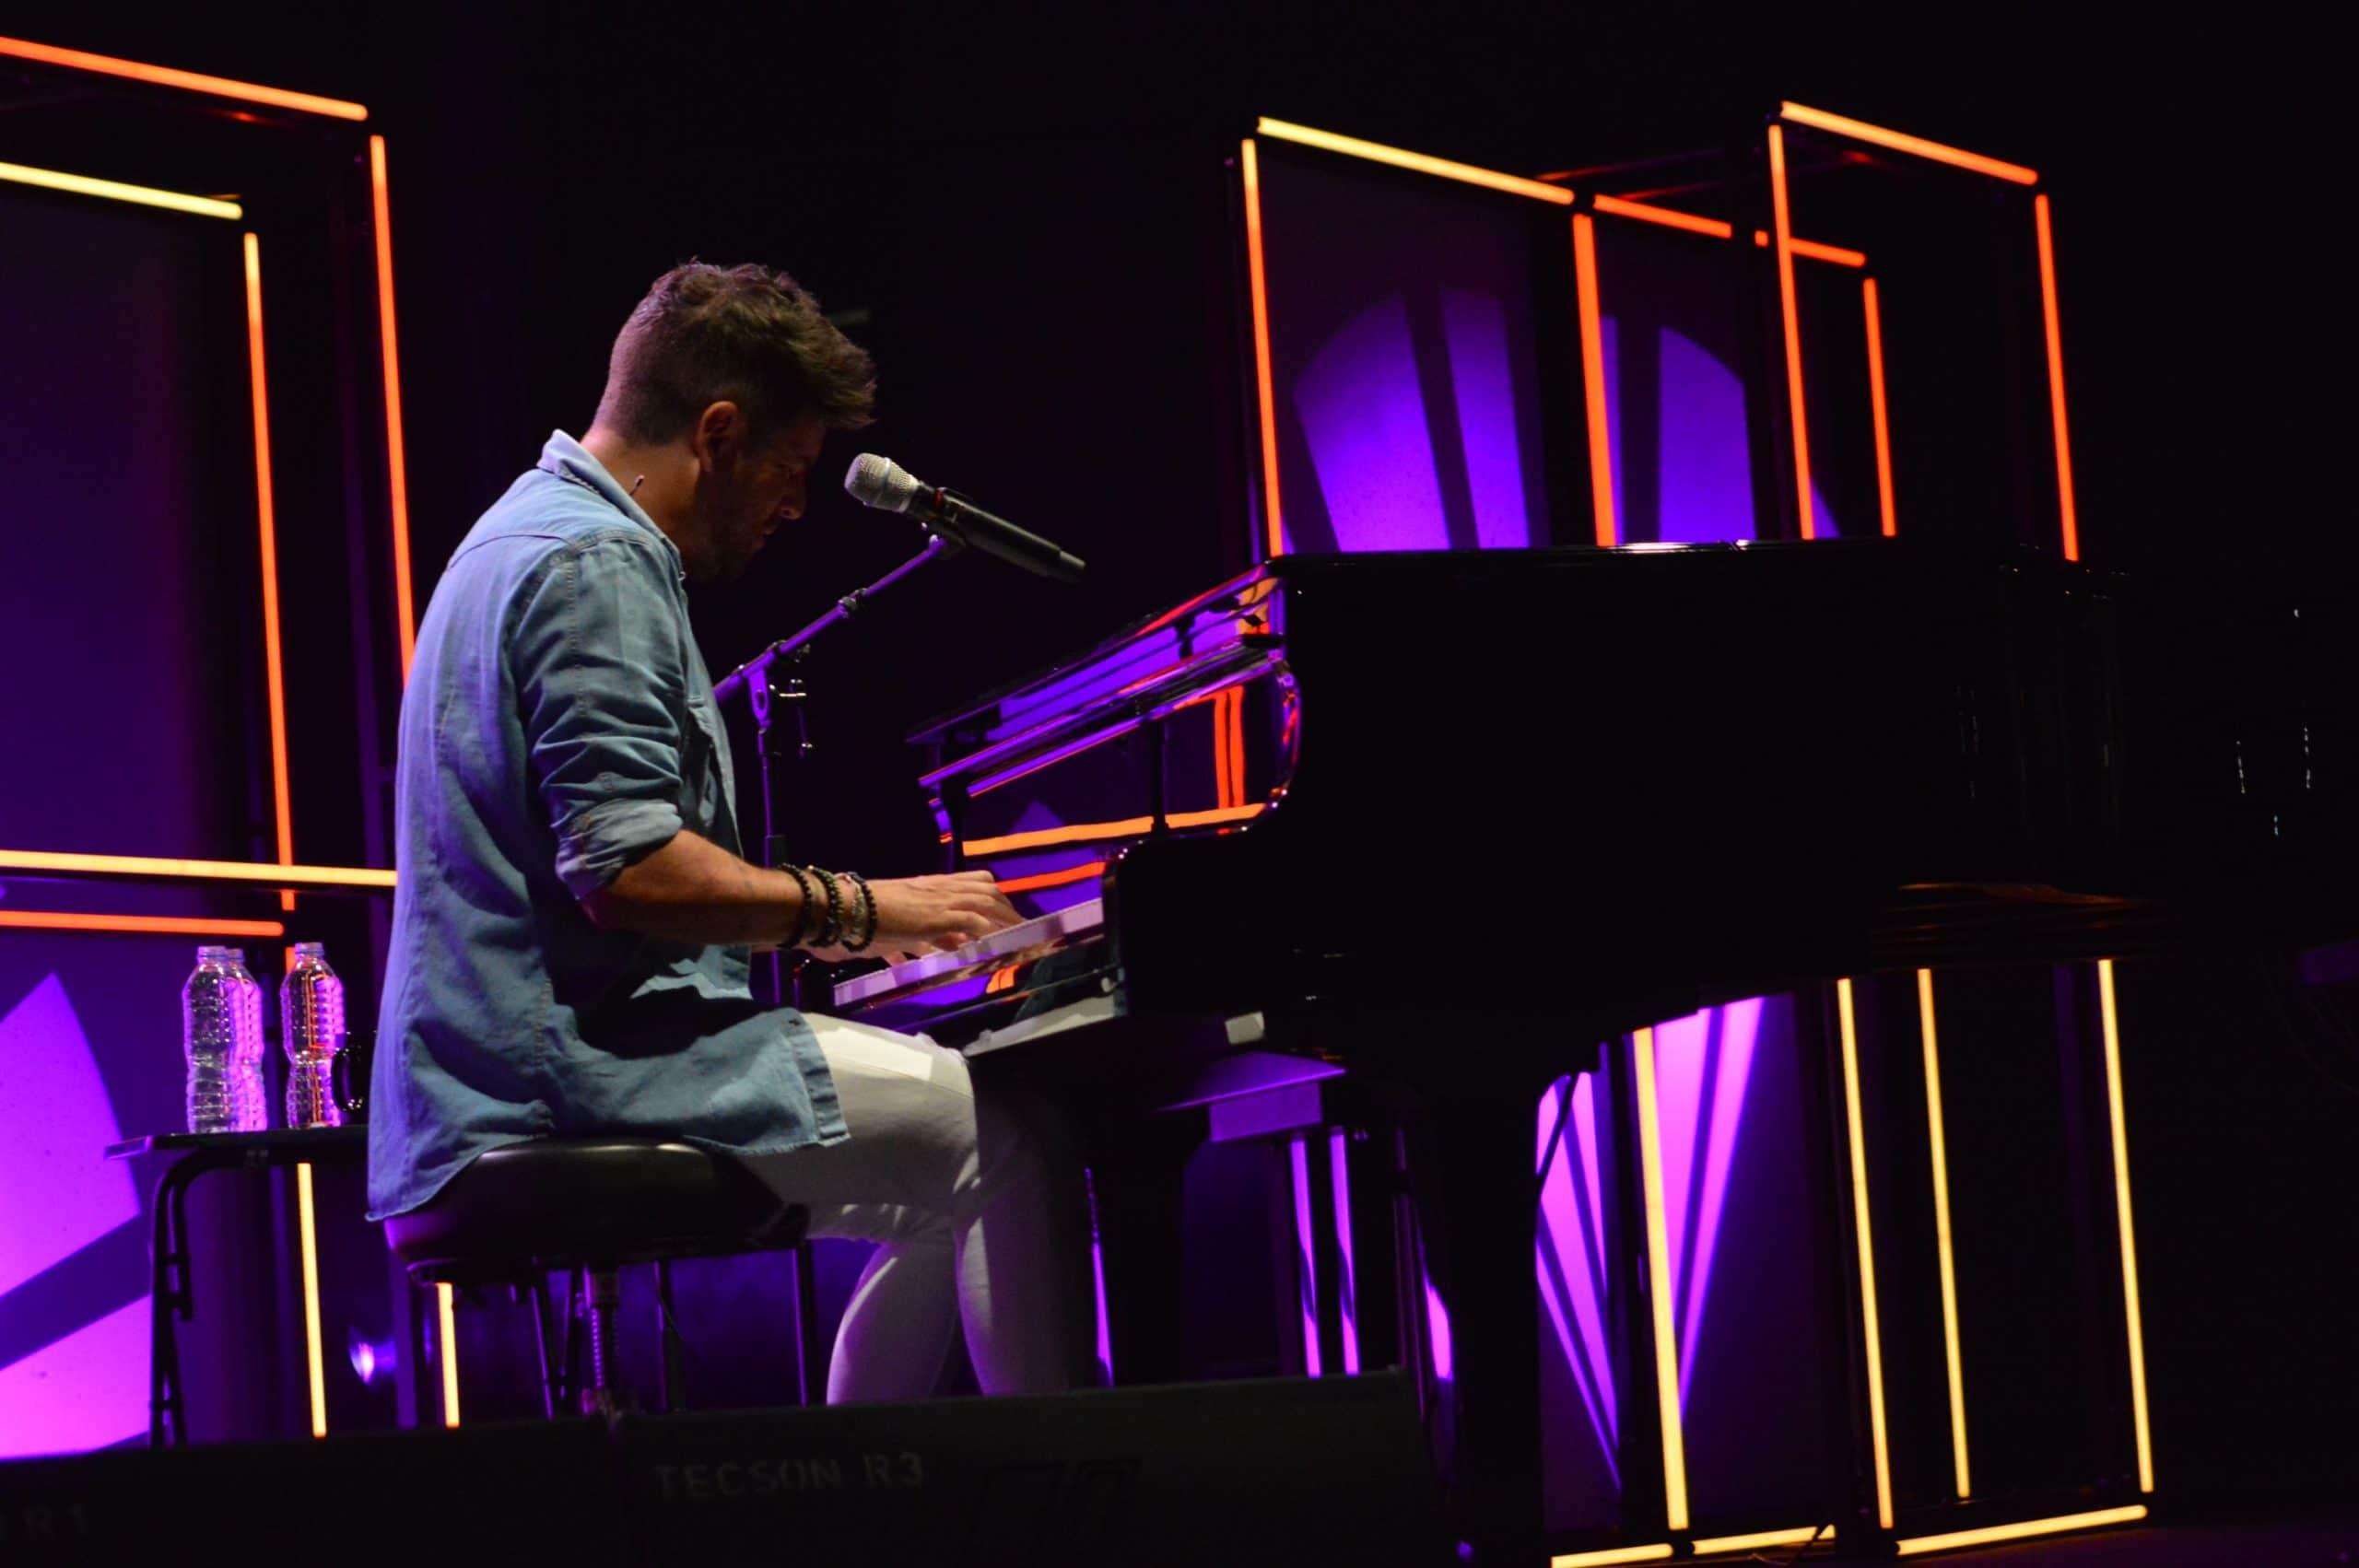 La gira 'López, piano y voz' de Pablo López pone el broche final a las fiestas de la Encina que nunca hubiéramos querido vivir 25